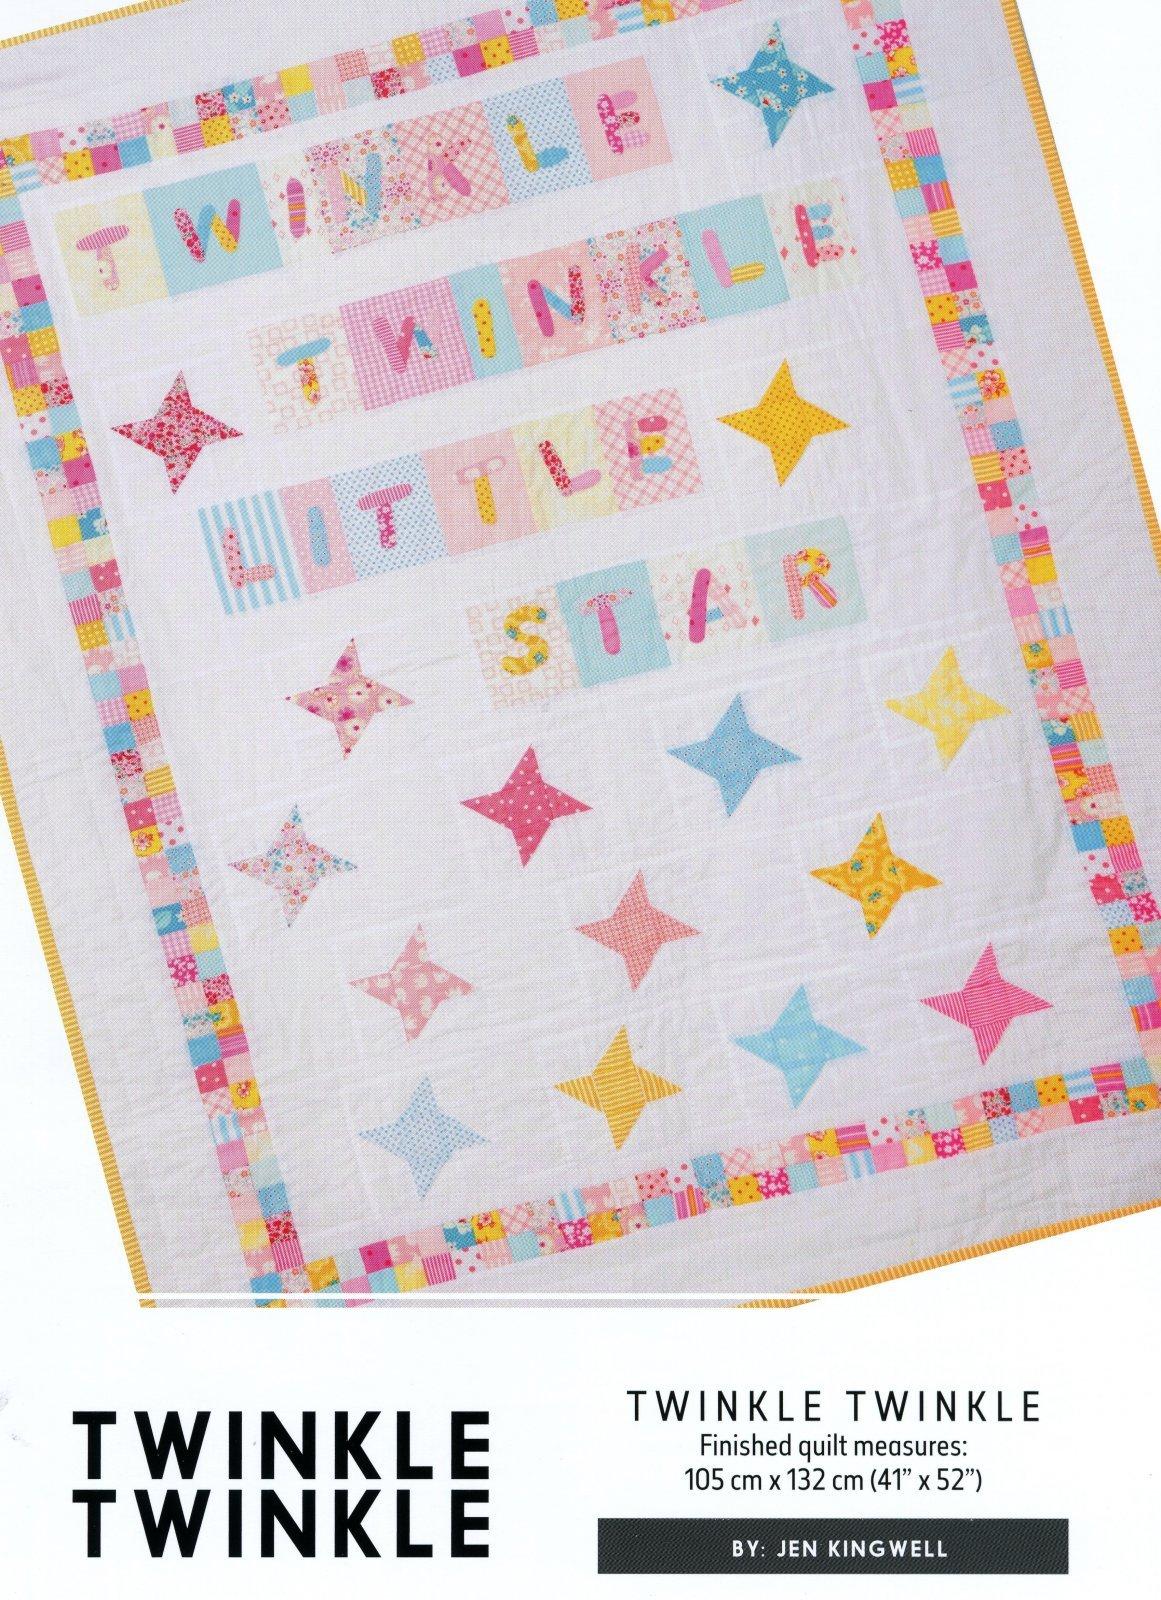 Twinkle Twinkle By Jen Kingwell